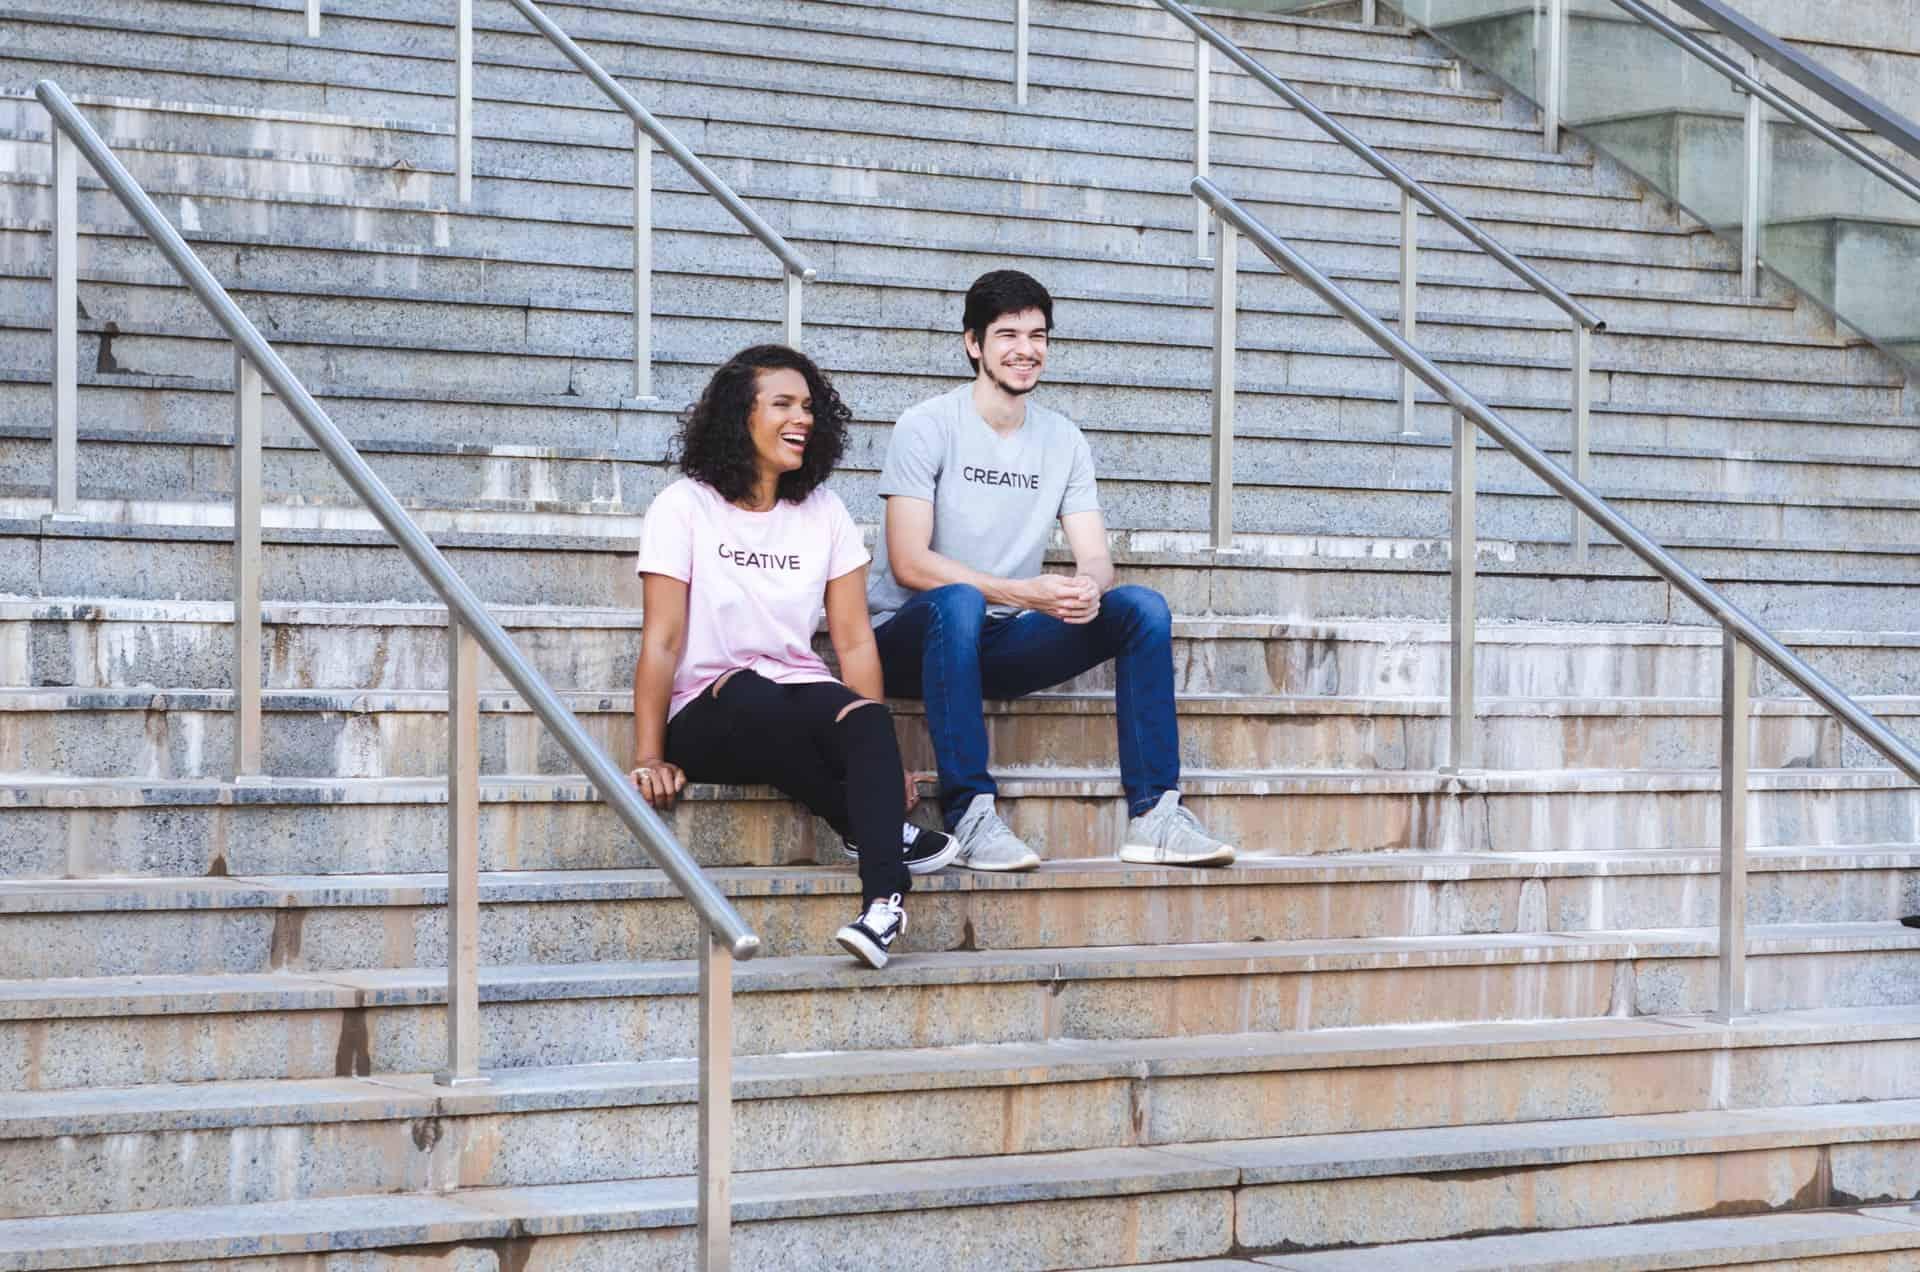 Ein Mann und eine Frau sitzen auf der Treppe